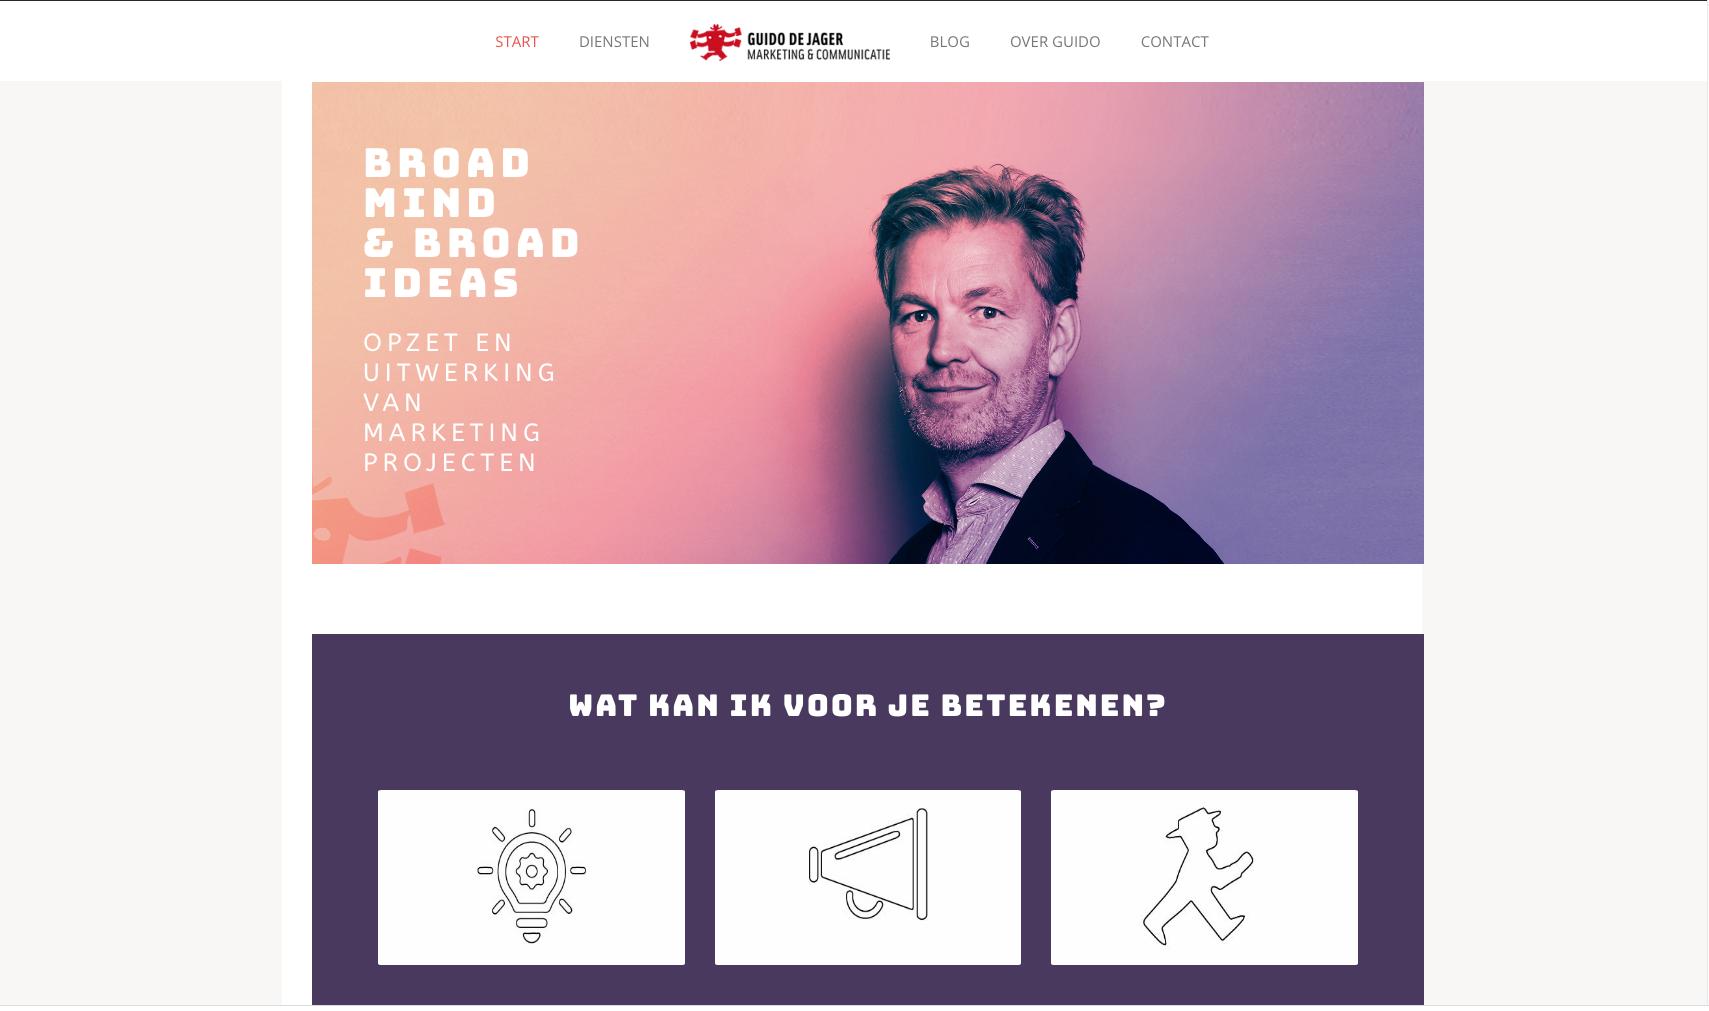 Guido de Jager website